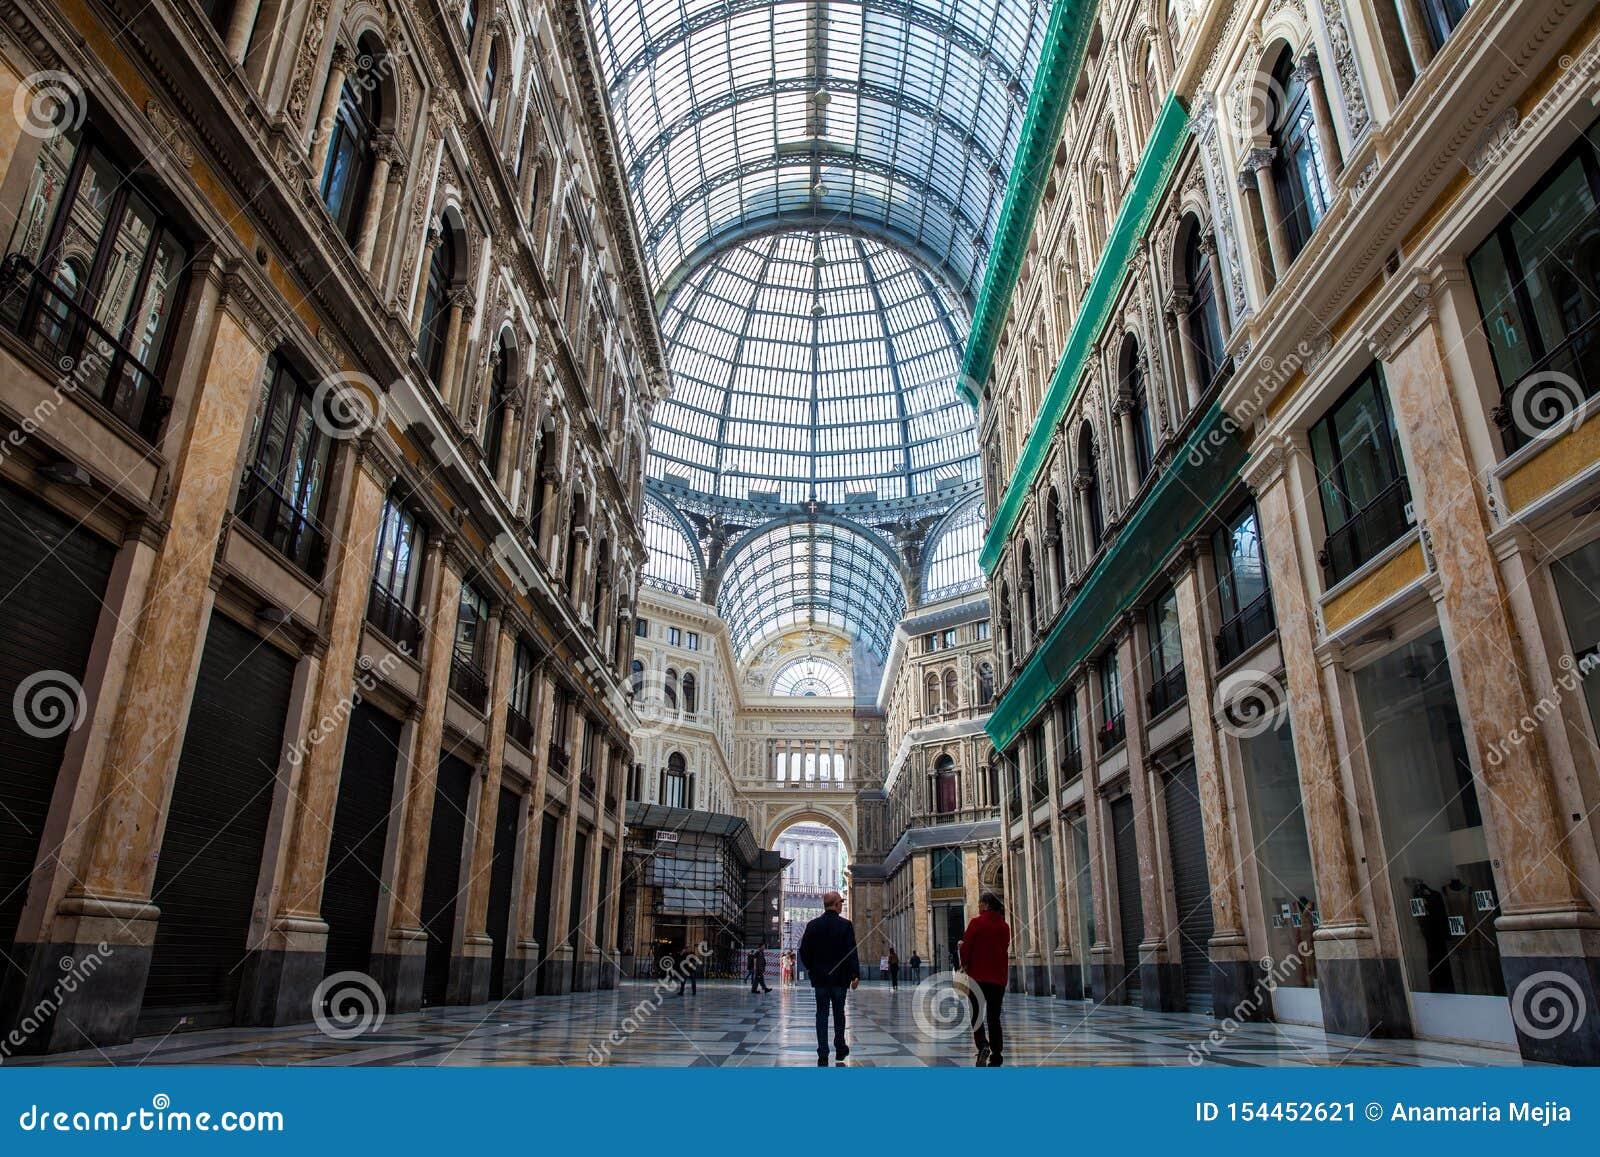 Galleria Umberto я общественная ходя по магазинам галерея в Неаполь